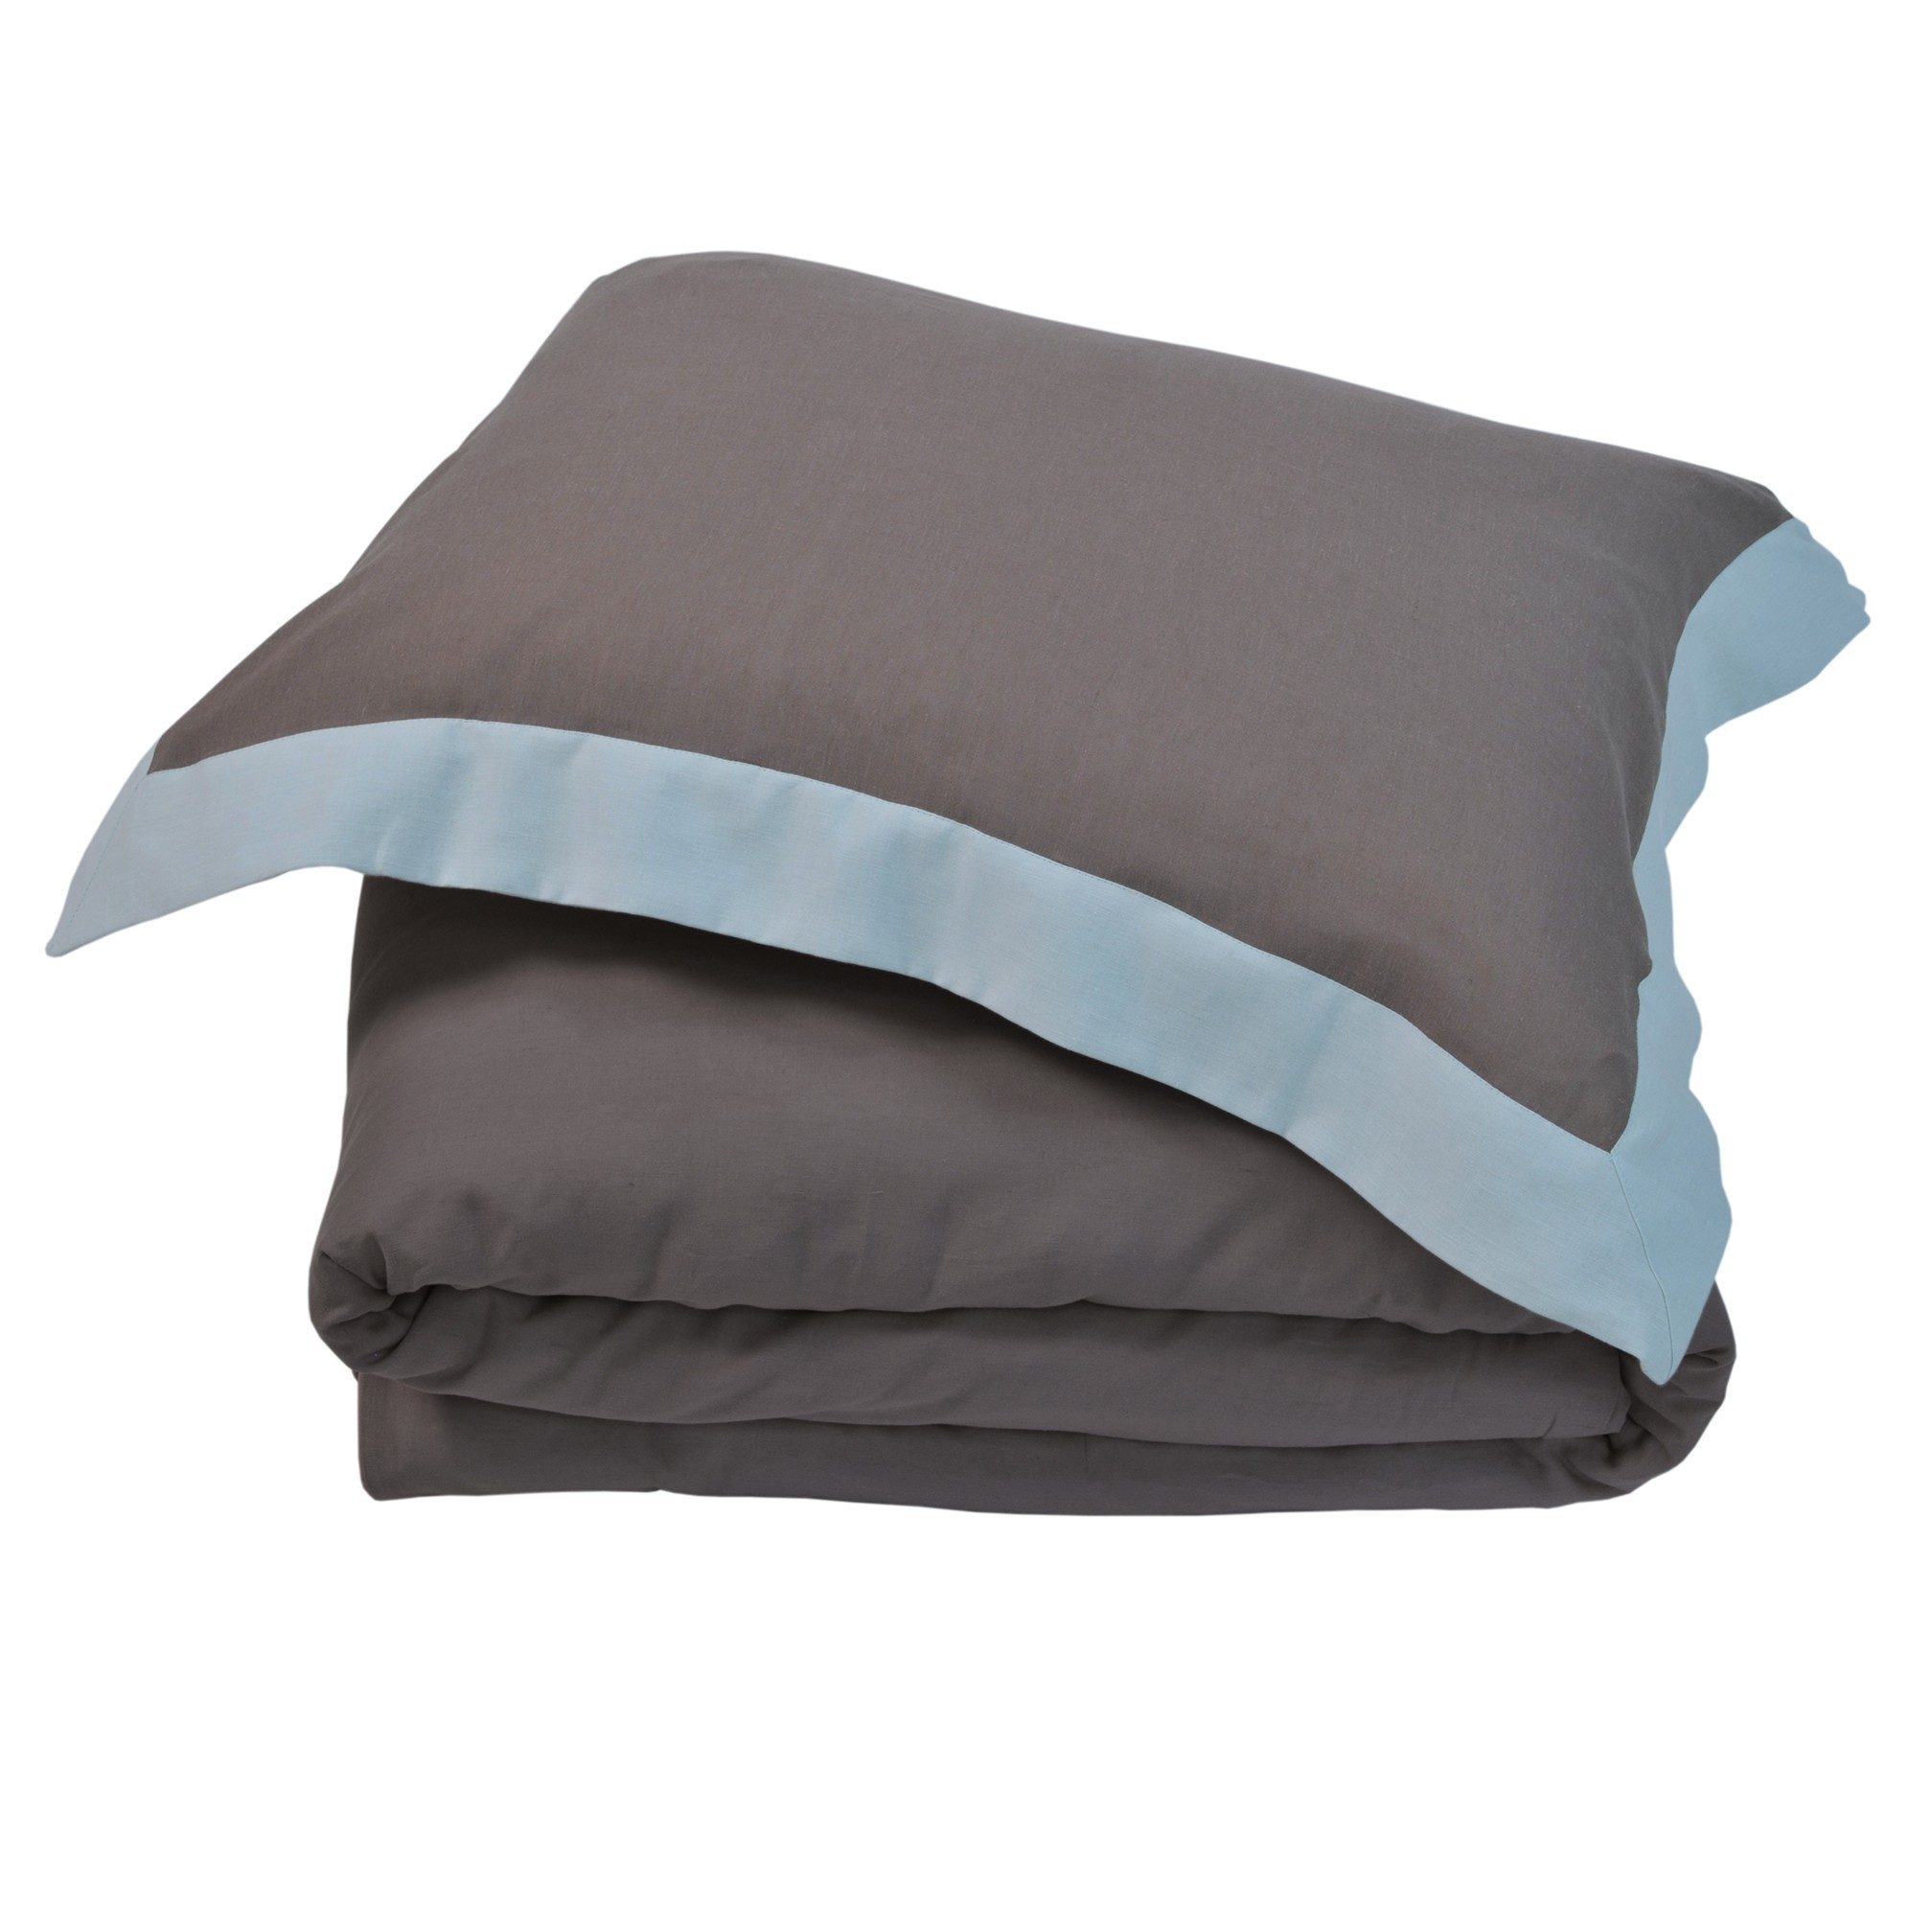 Комплекты Постельное белье 2 спальное евро Casual Avenue Hampton коричневый-морская пена elitnoe-postelnoe-belie-hampton-chestnut-seafoam-ot-casual-avenue-turtsiya.jpg